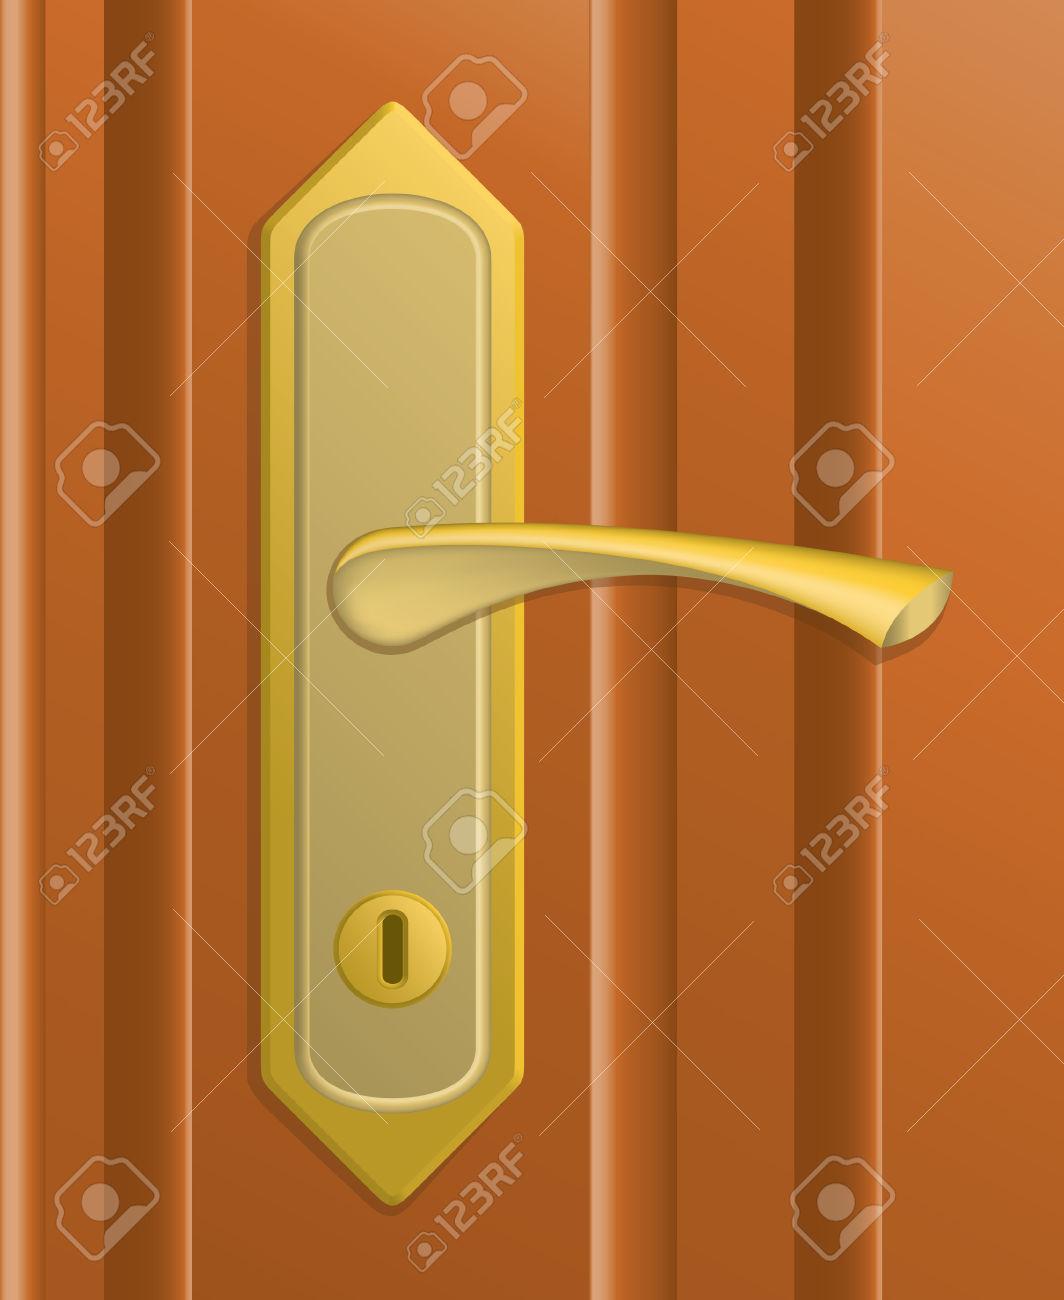 Door handle clipart.